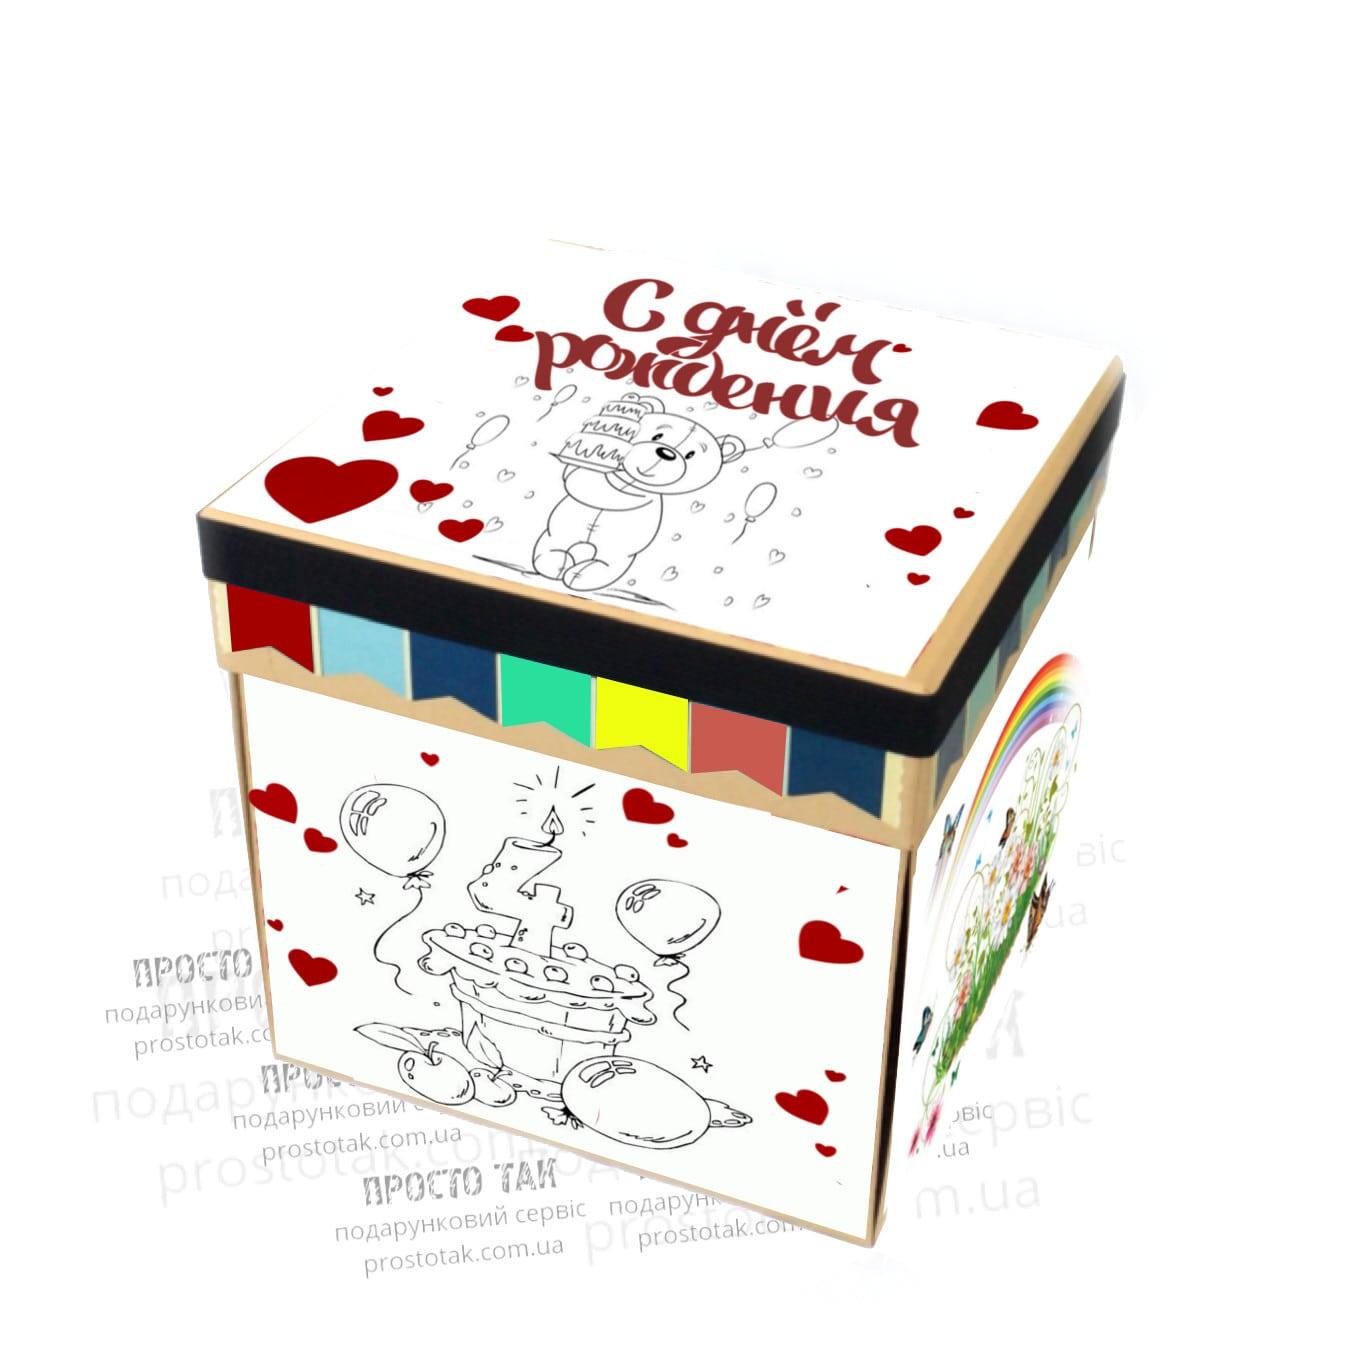 Подарунковий набір для дитини на День народження в коробці КУБ 20х20х20см 6daca0660cae9